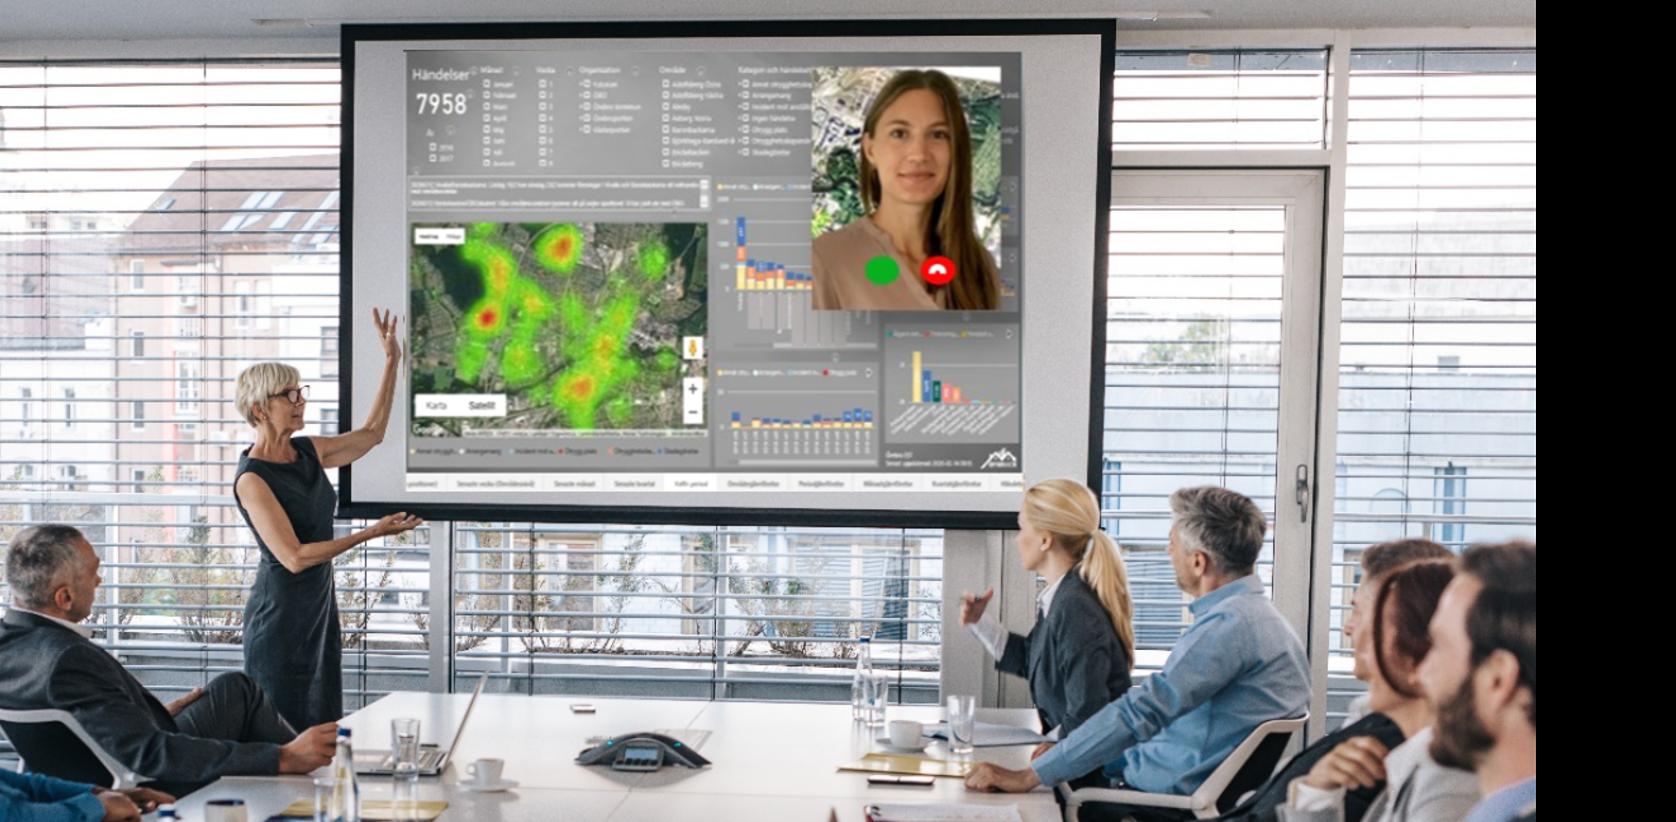 Lokal kartläggning och analys centralt i det lokala brottsförebyggande arbetet: EMBRACE ger strukturen.